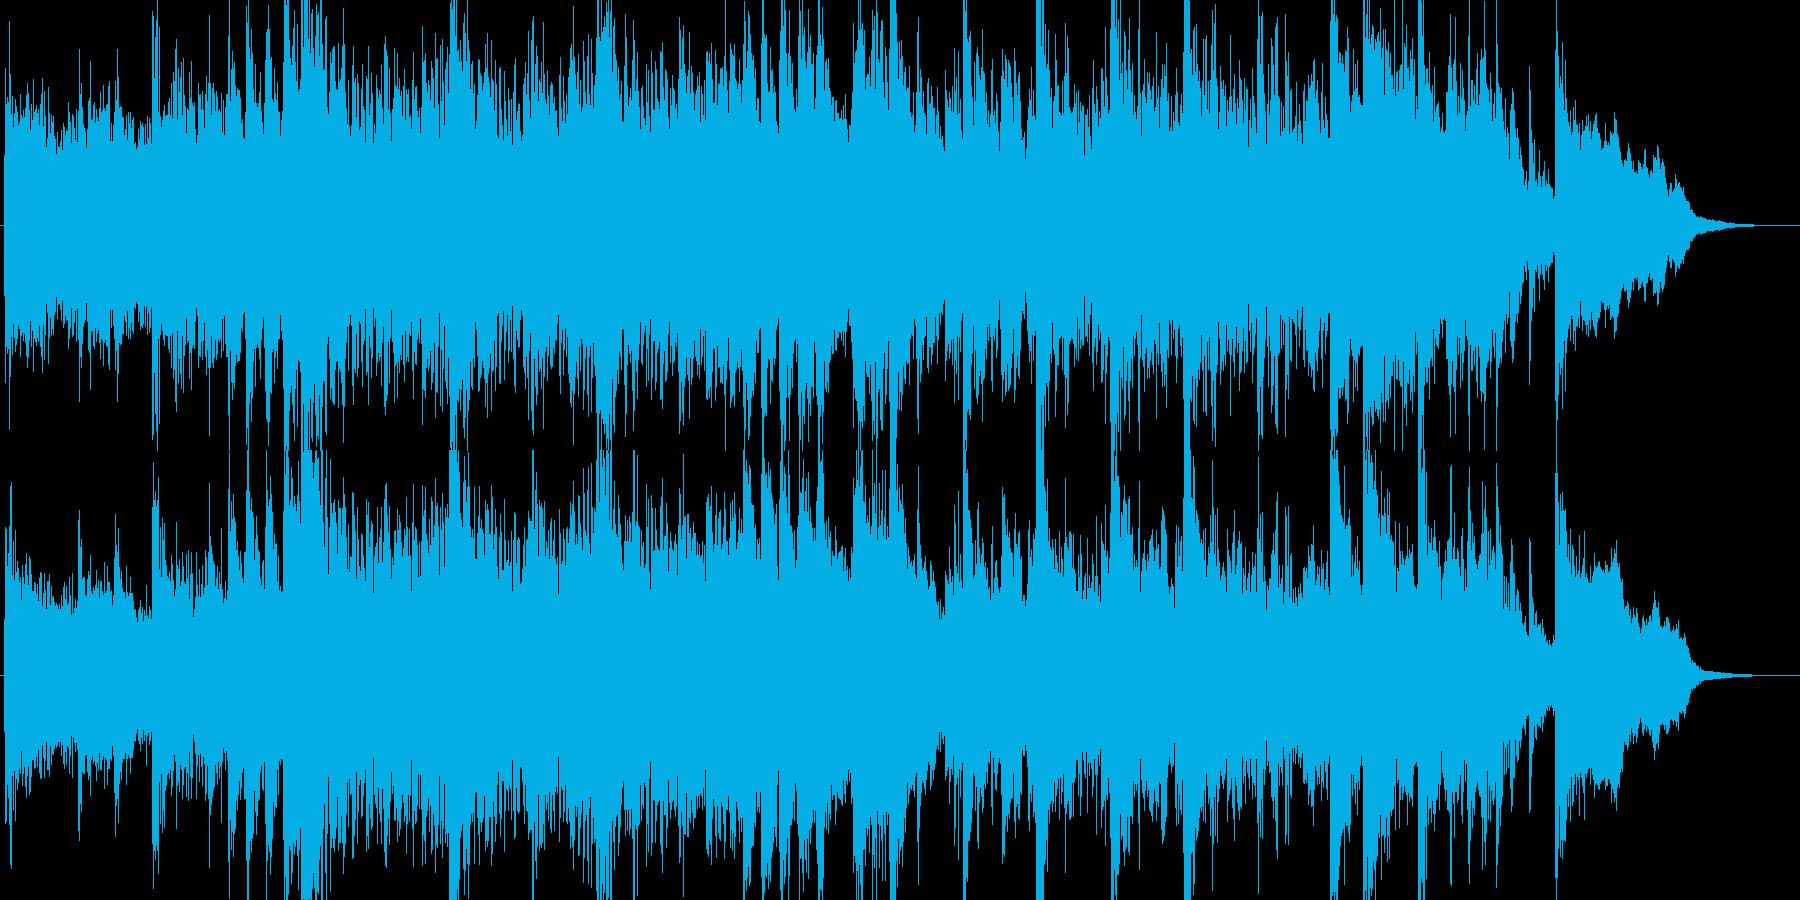 「ミュージカル調の派手で賑やかなBGM」の再生済みの波形